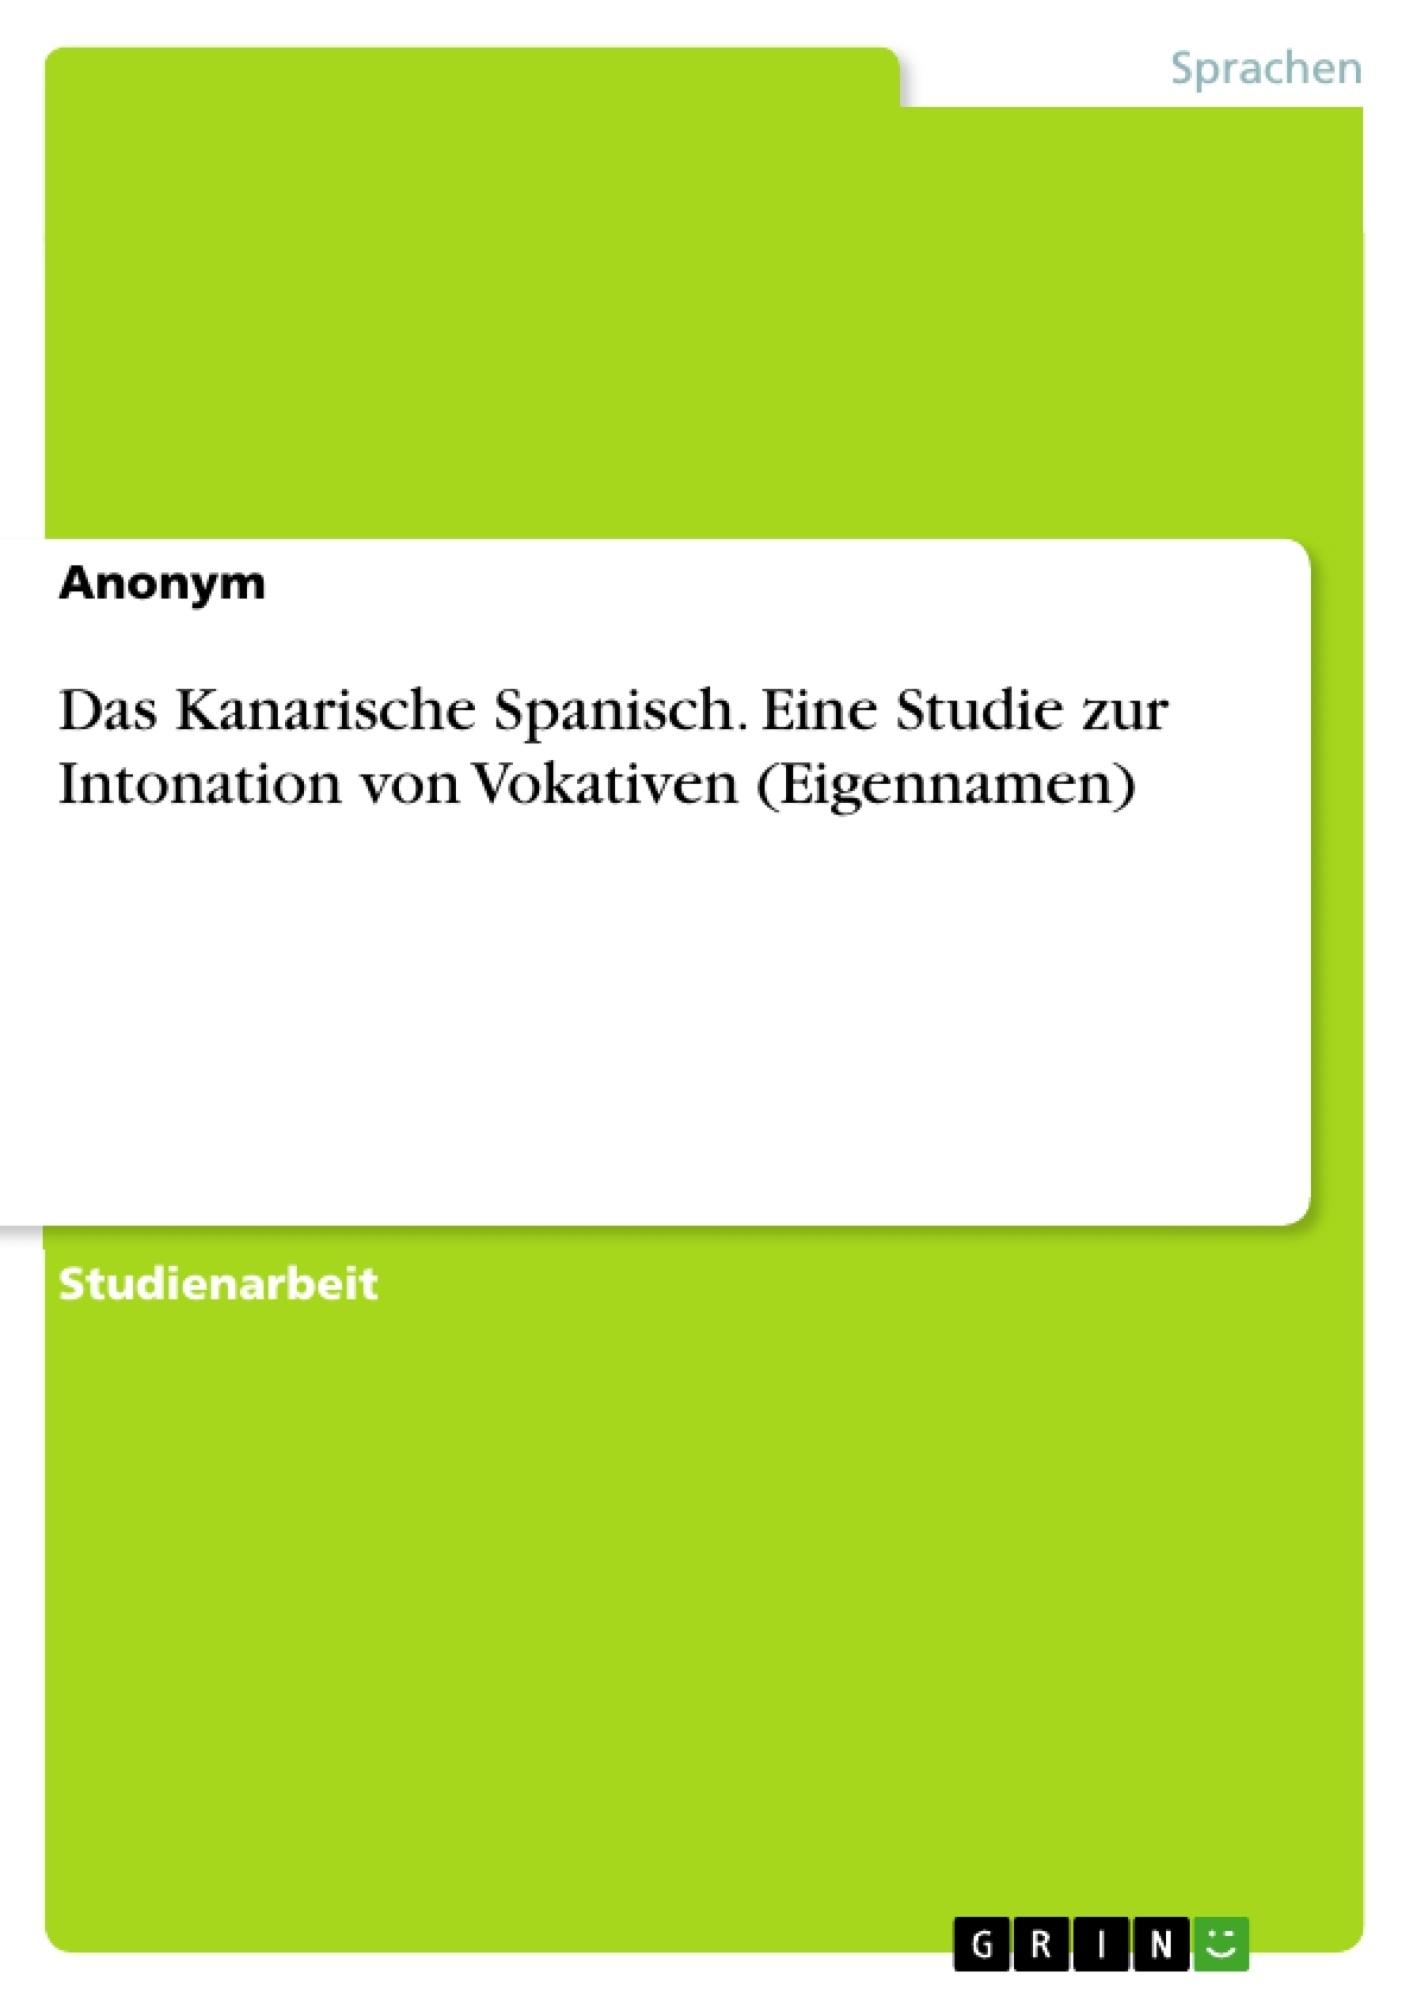 Titel: Das Kanarische Spanisch. Eine Studie zur Intonation von Vokativen (Eigennamen)